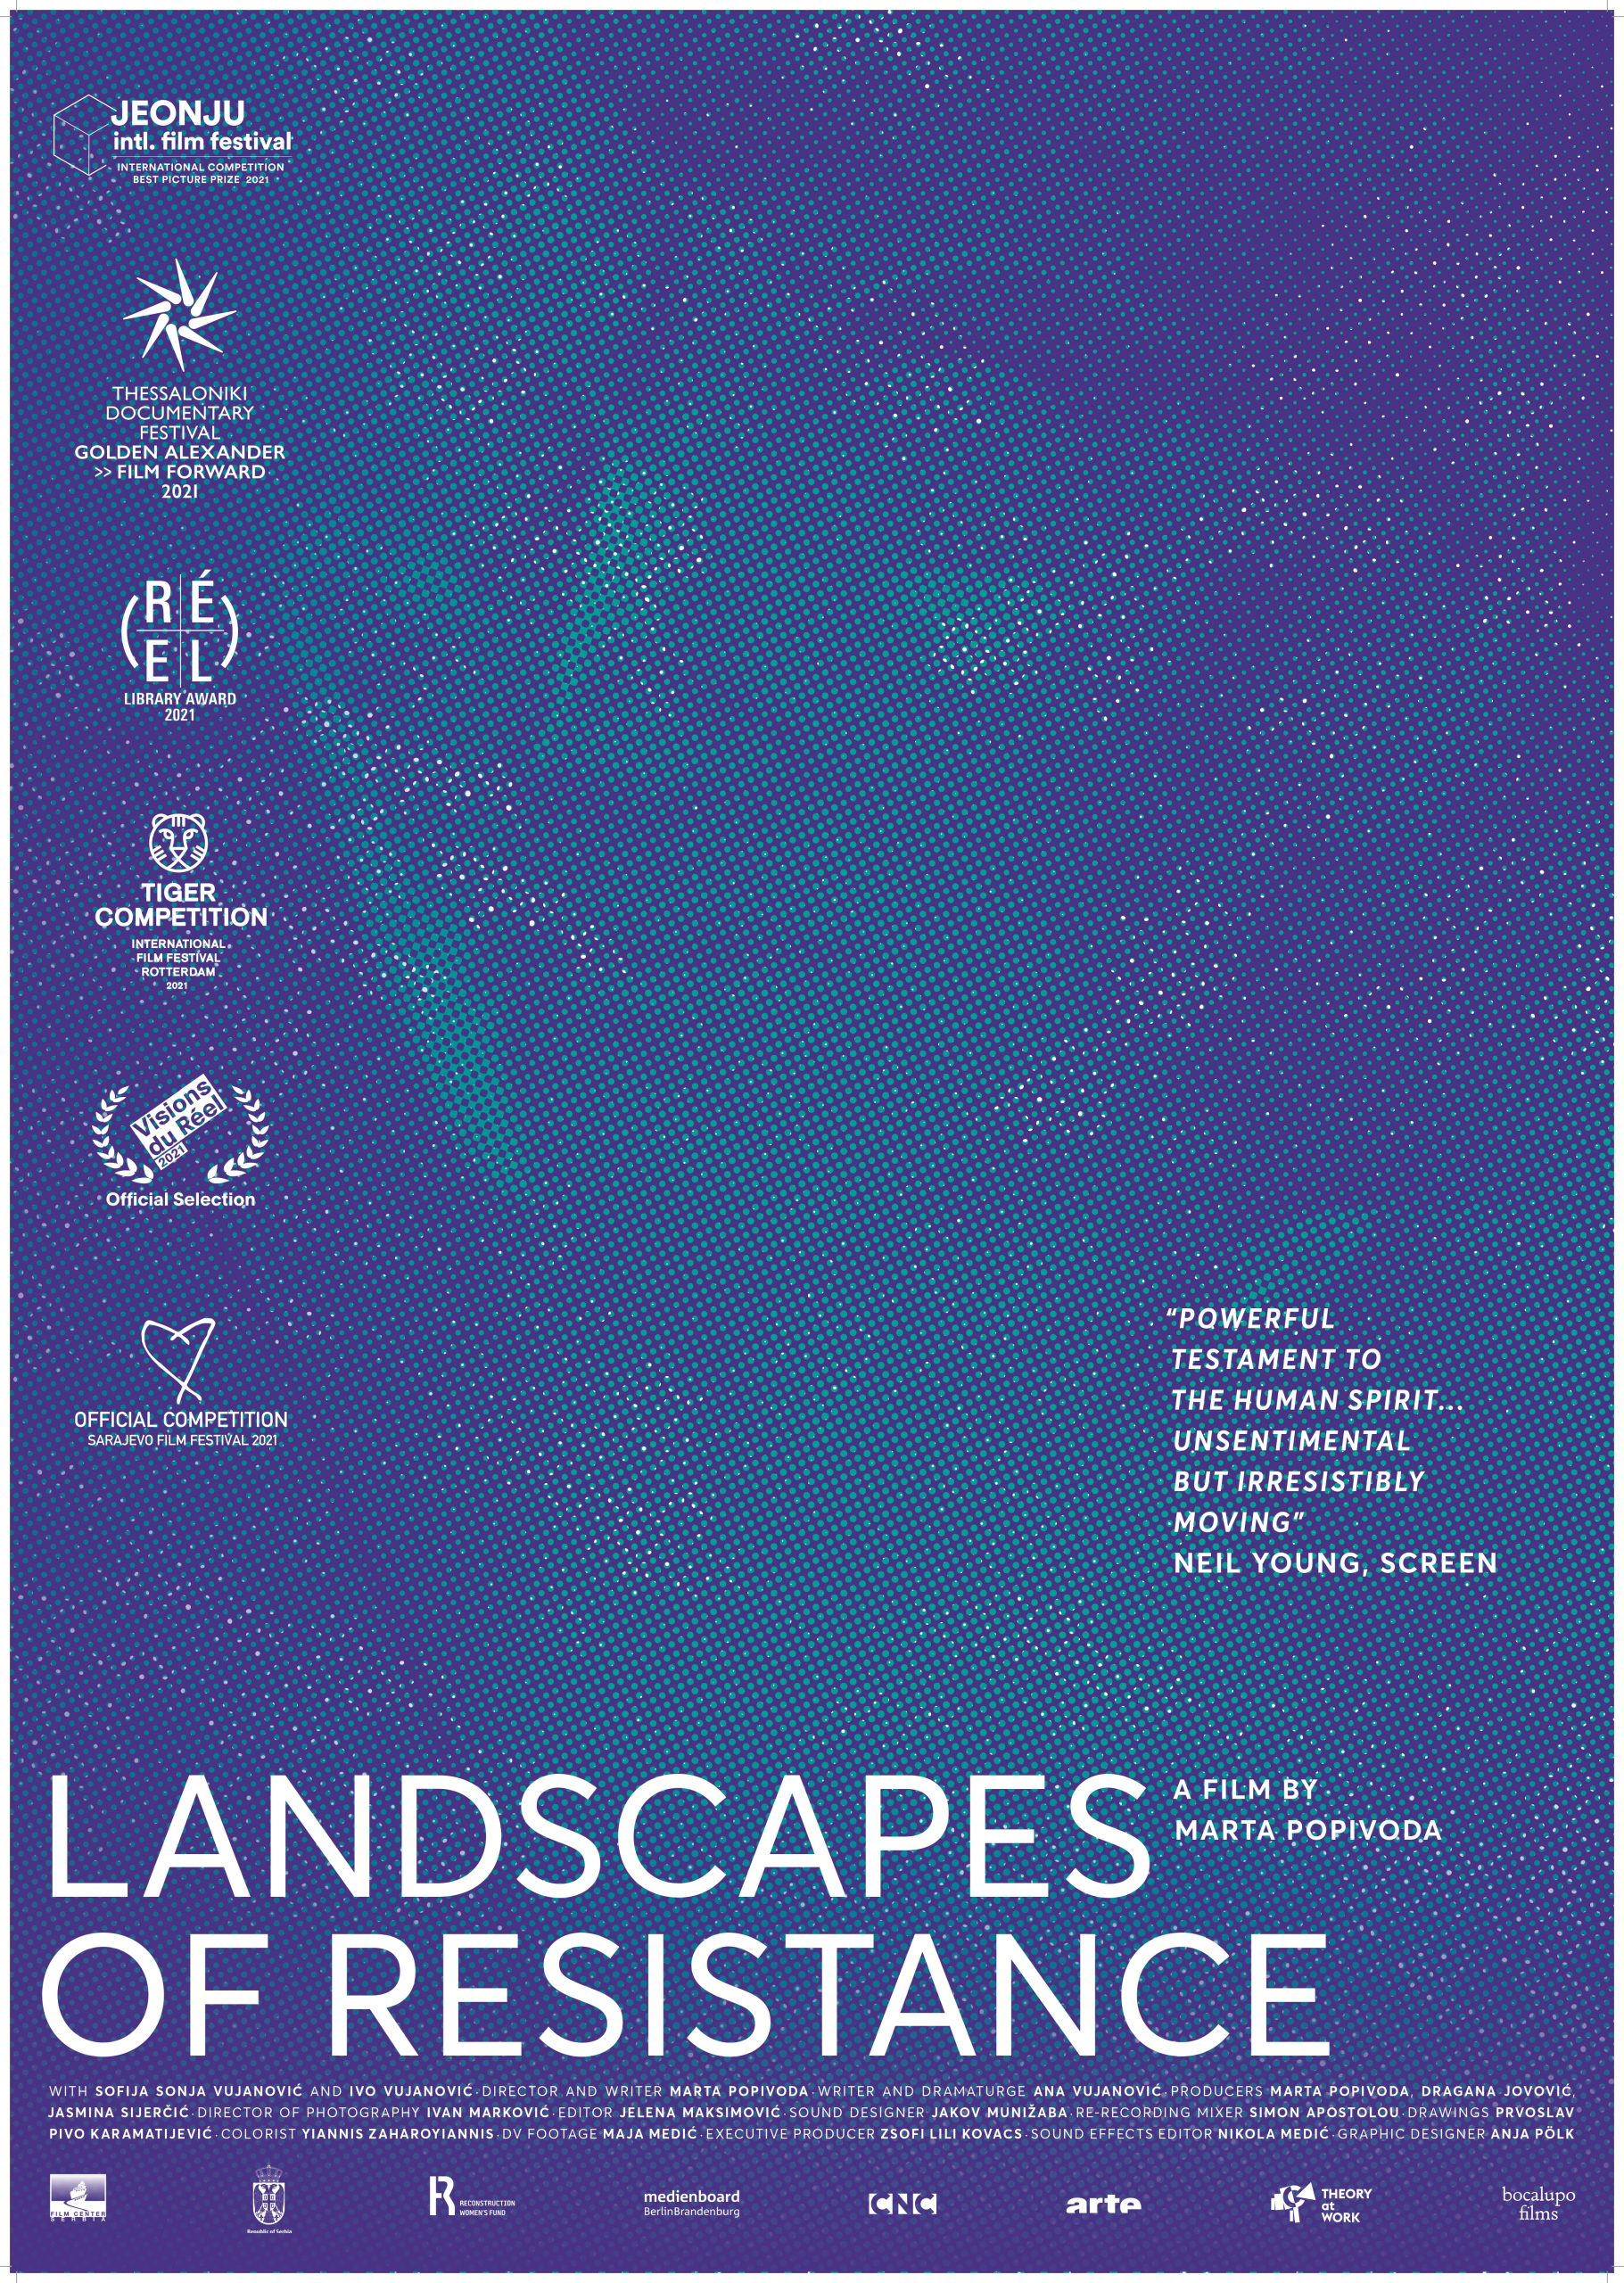 LANDSCAPES OF RESISTANCE